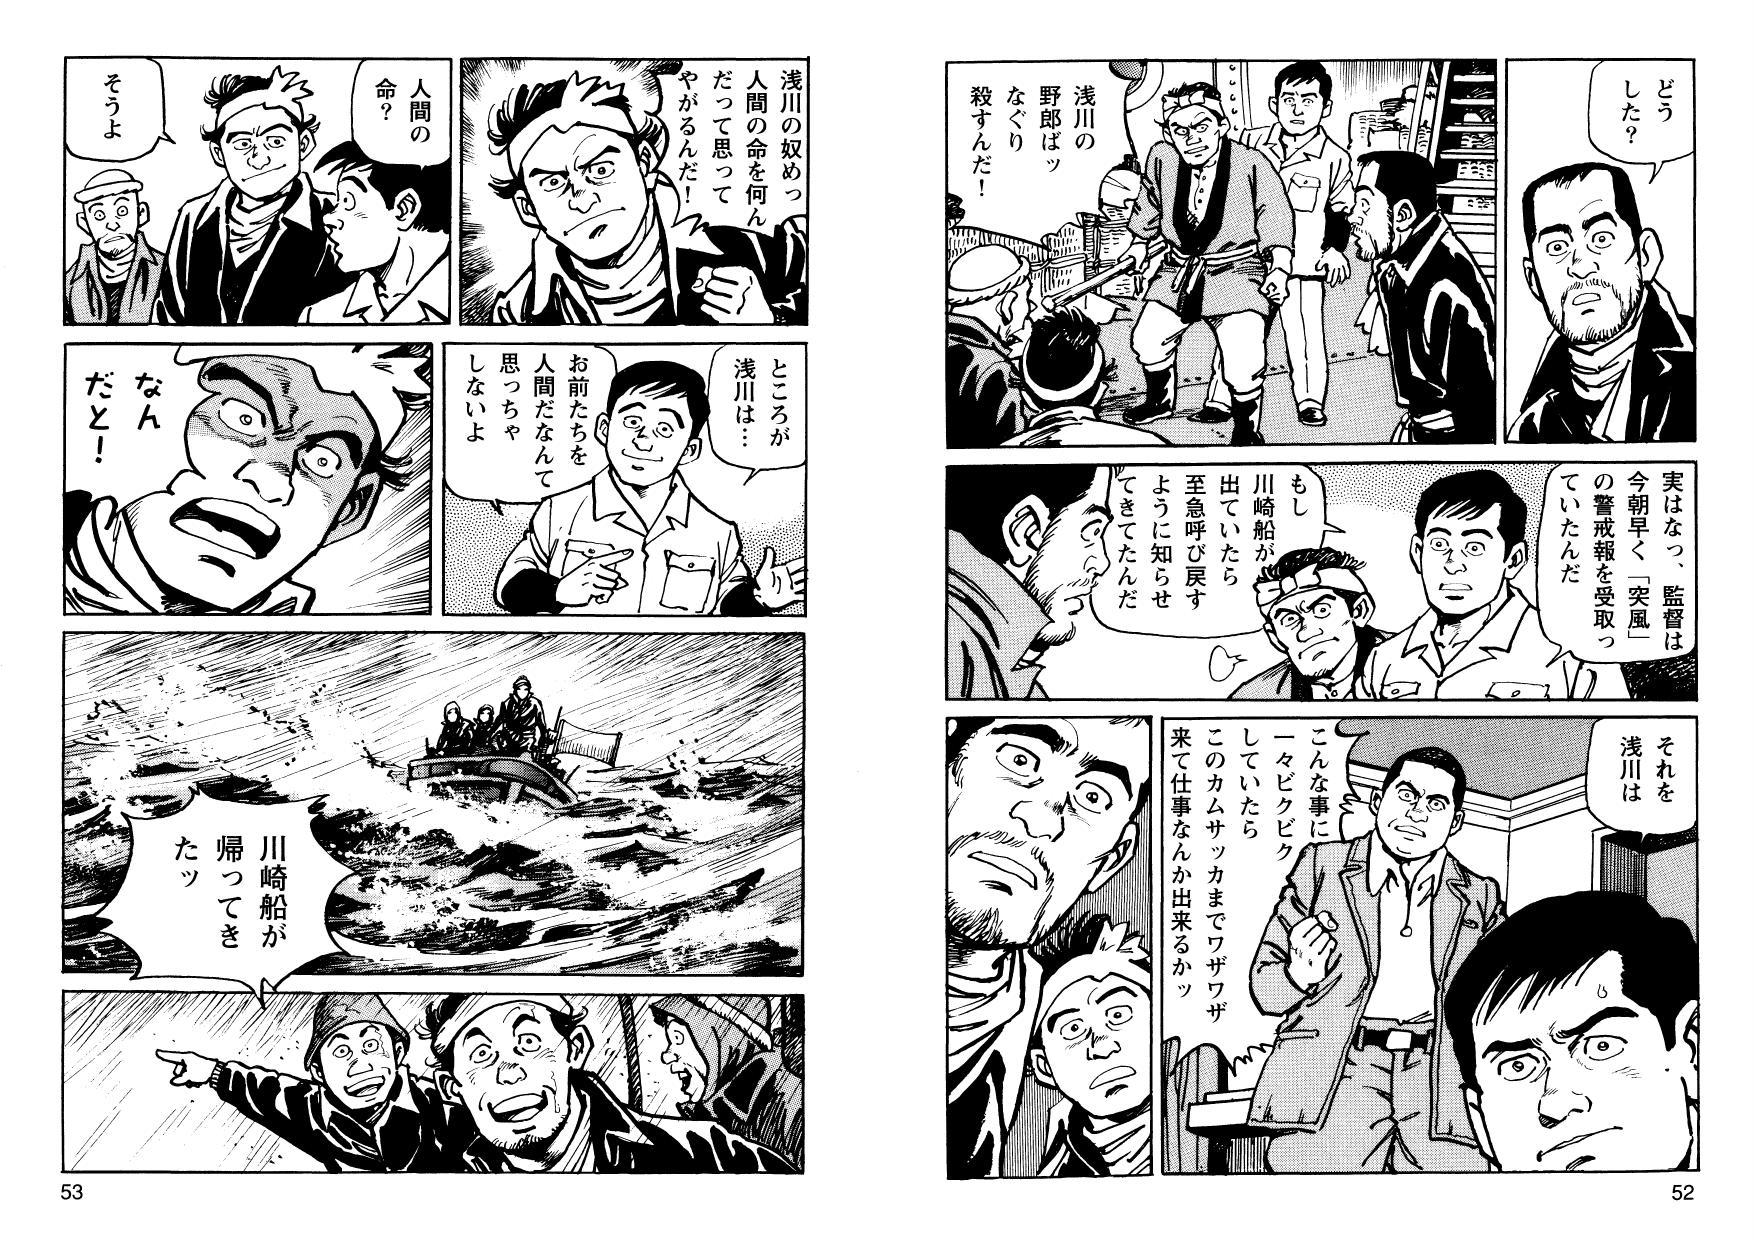 kani_cmc_000027.jpg